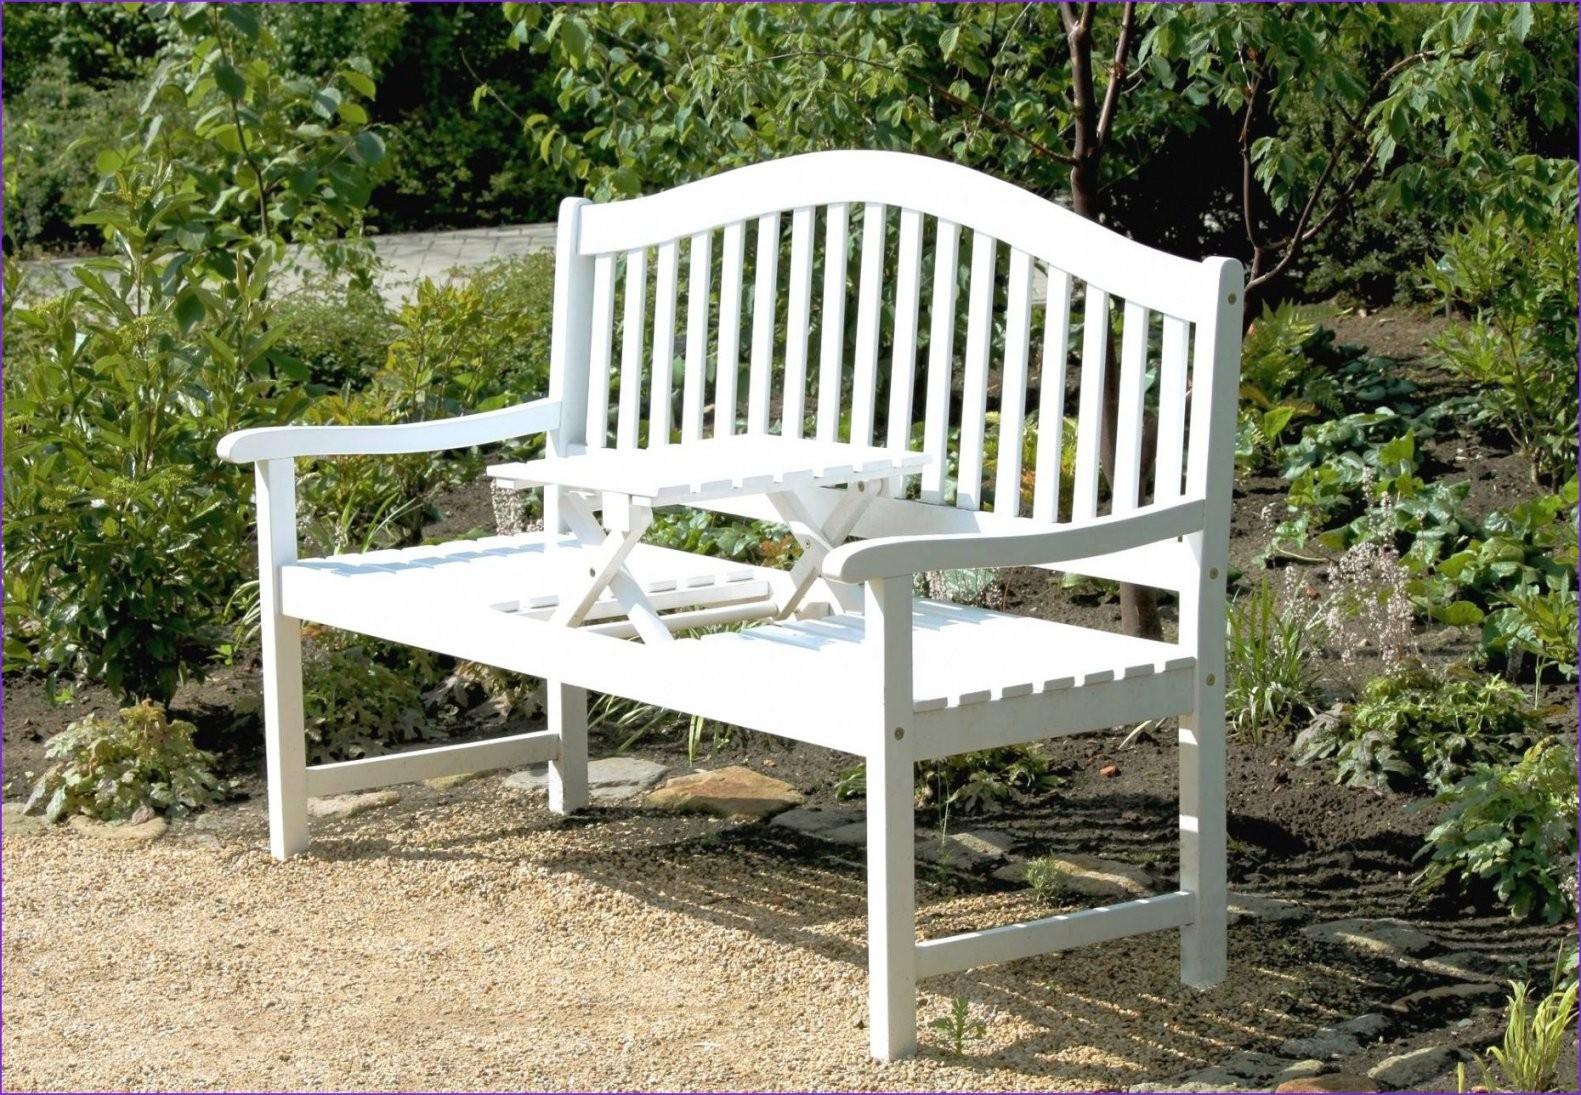 Einzigartig 32 Gartenbank Metall 3 Sitzer Design  Fenster Mit von Gartenbank Gusseisen Weiß Bild